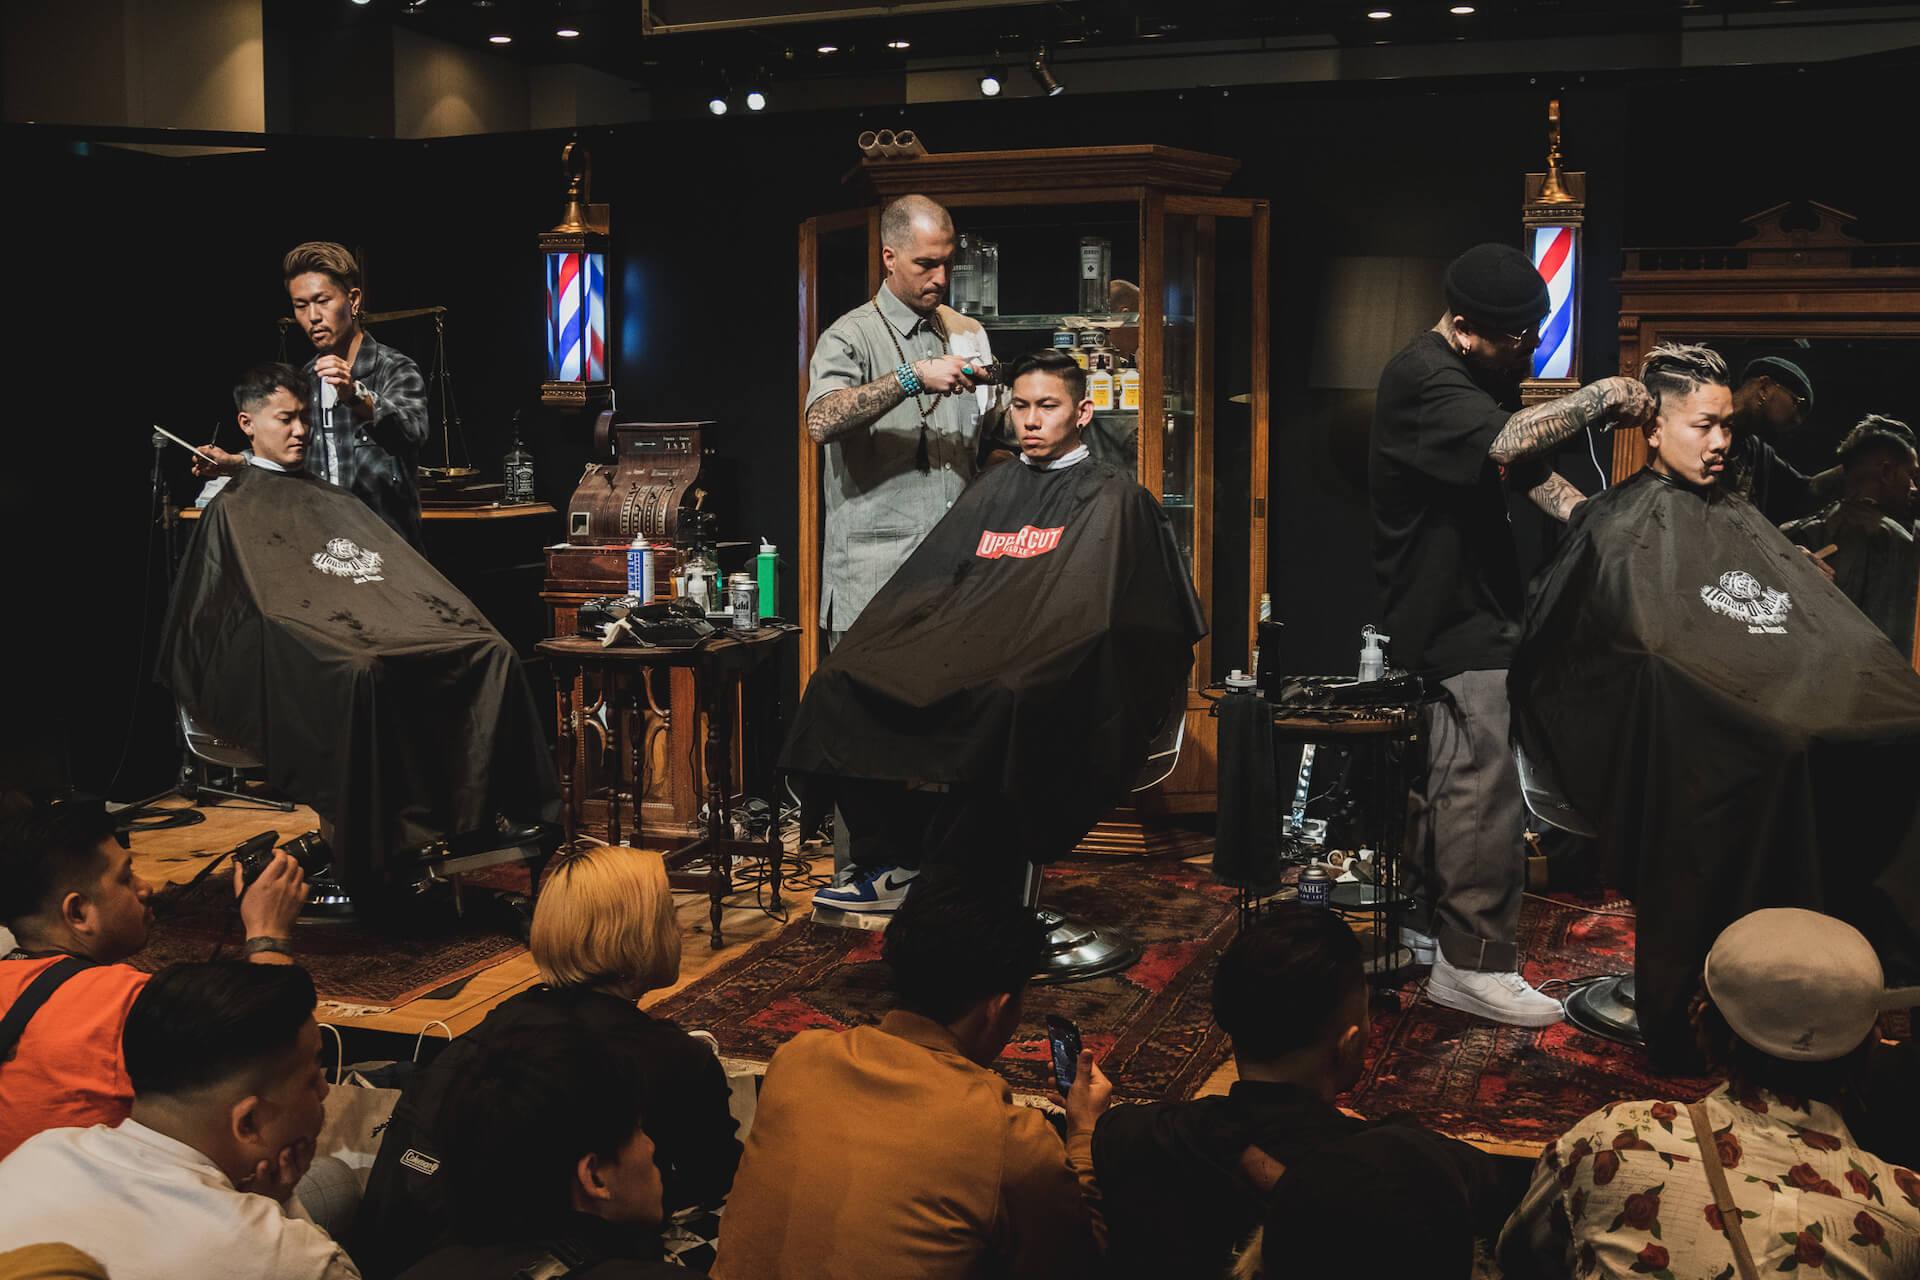 ミックスカルチャーイベント、<HOUSE OF SEVEN>が横浜大桟橋ホールにて二度目の開催!BRAHMAN、THE THROTTLE、ALIらが登場 sub7